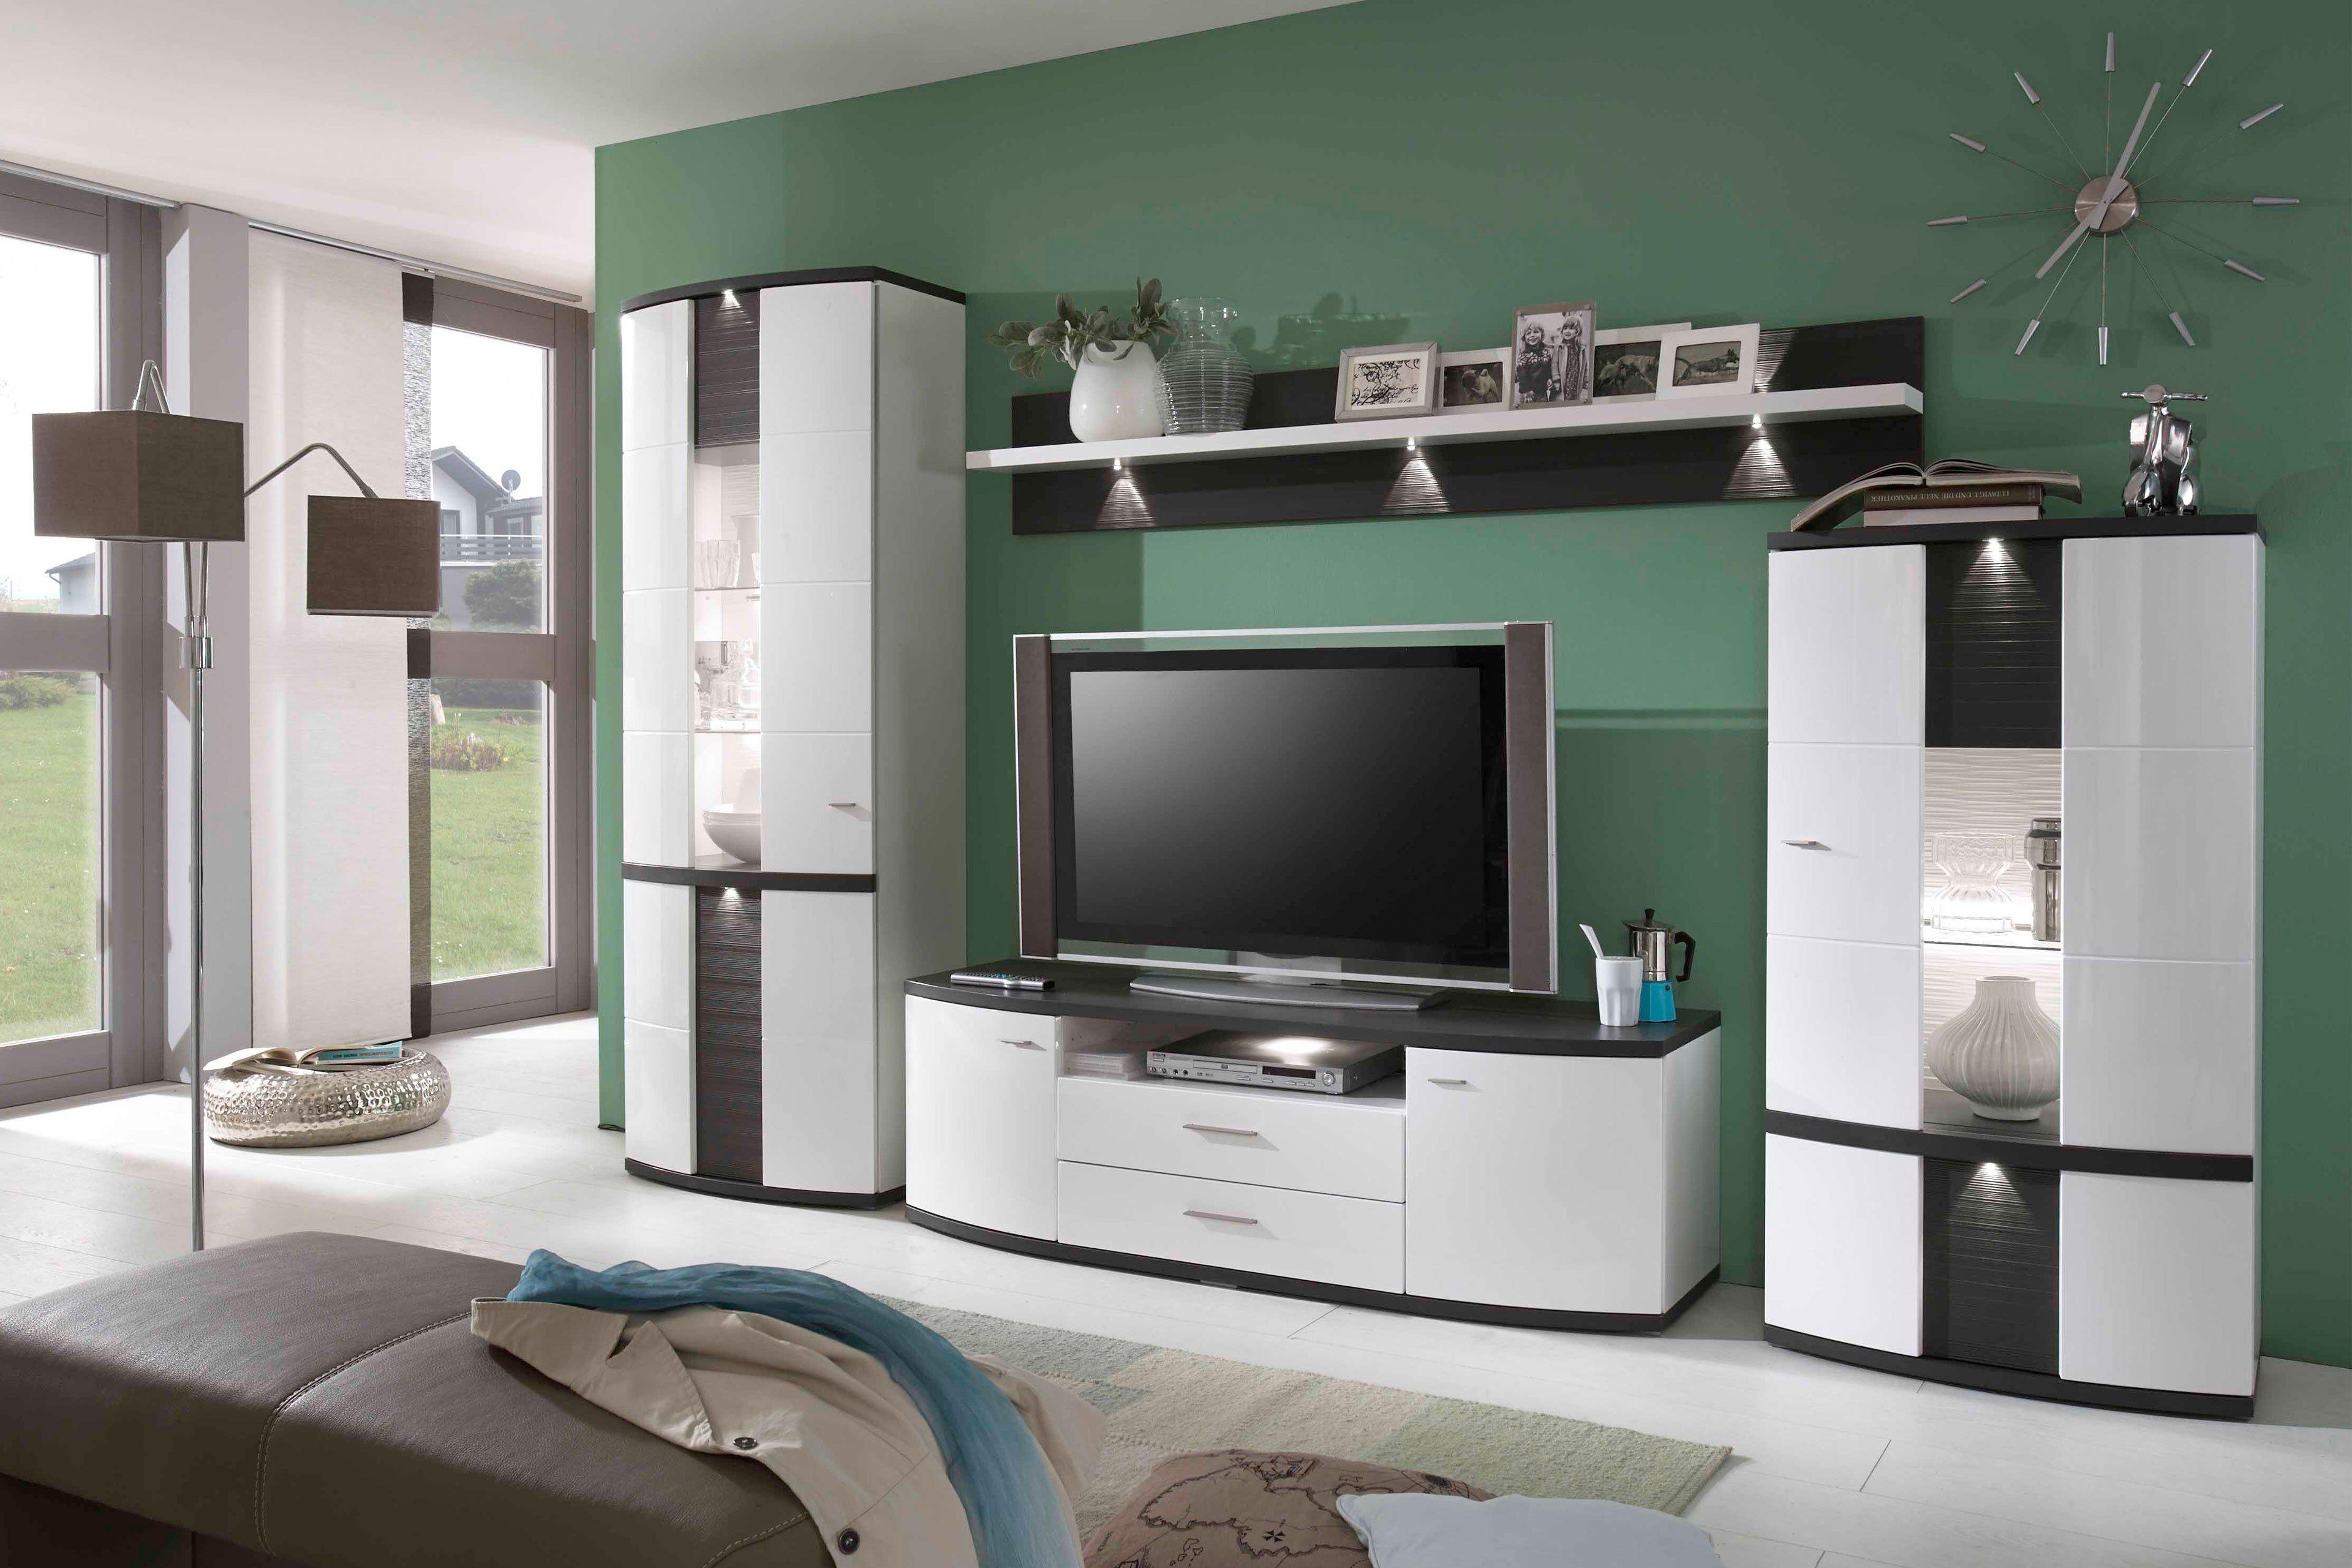 wohnwand gnstig auf raten kaufen trendy wohnwand sarah in. Black Bedroom Furniture Sets. Home Design Ideas